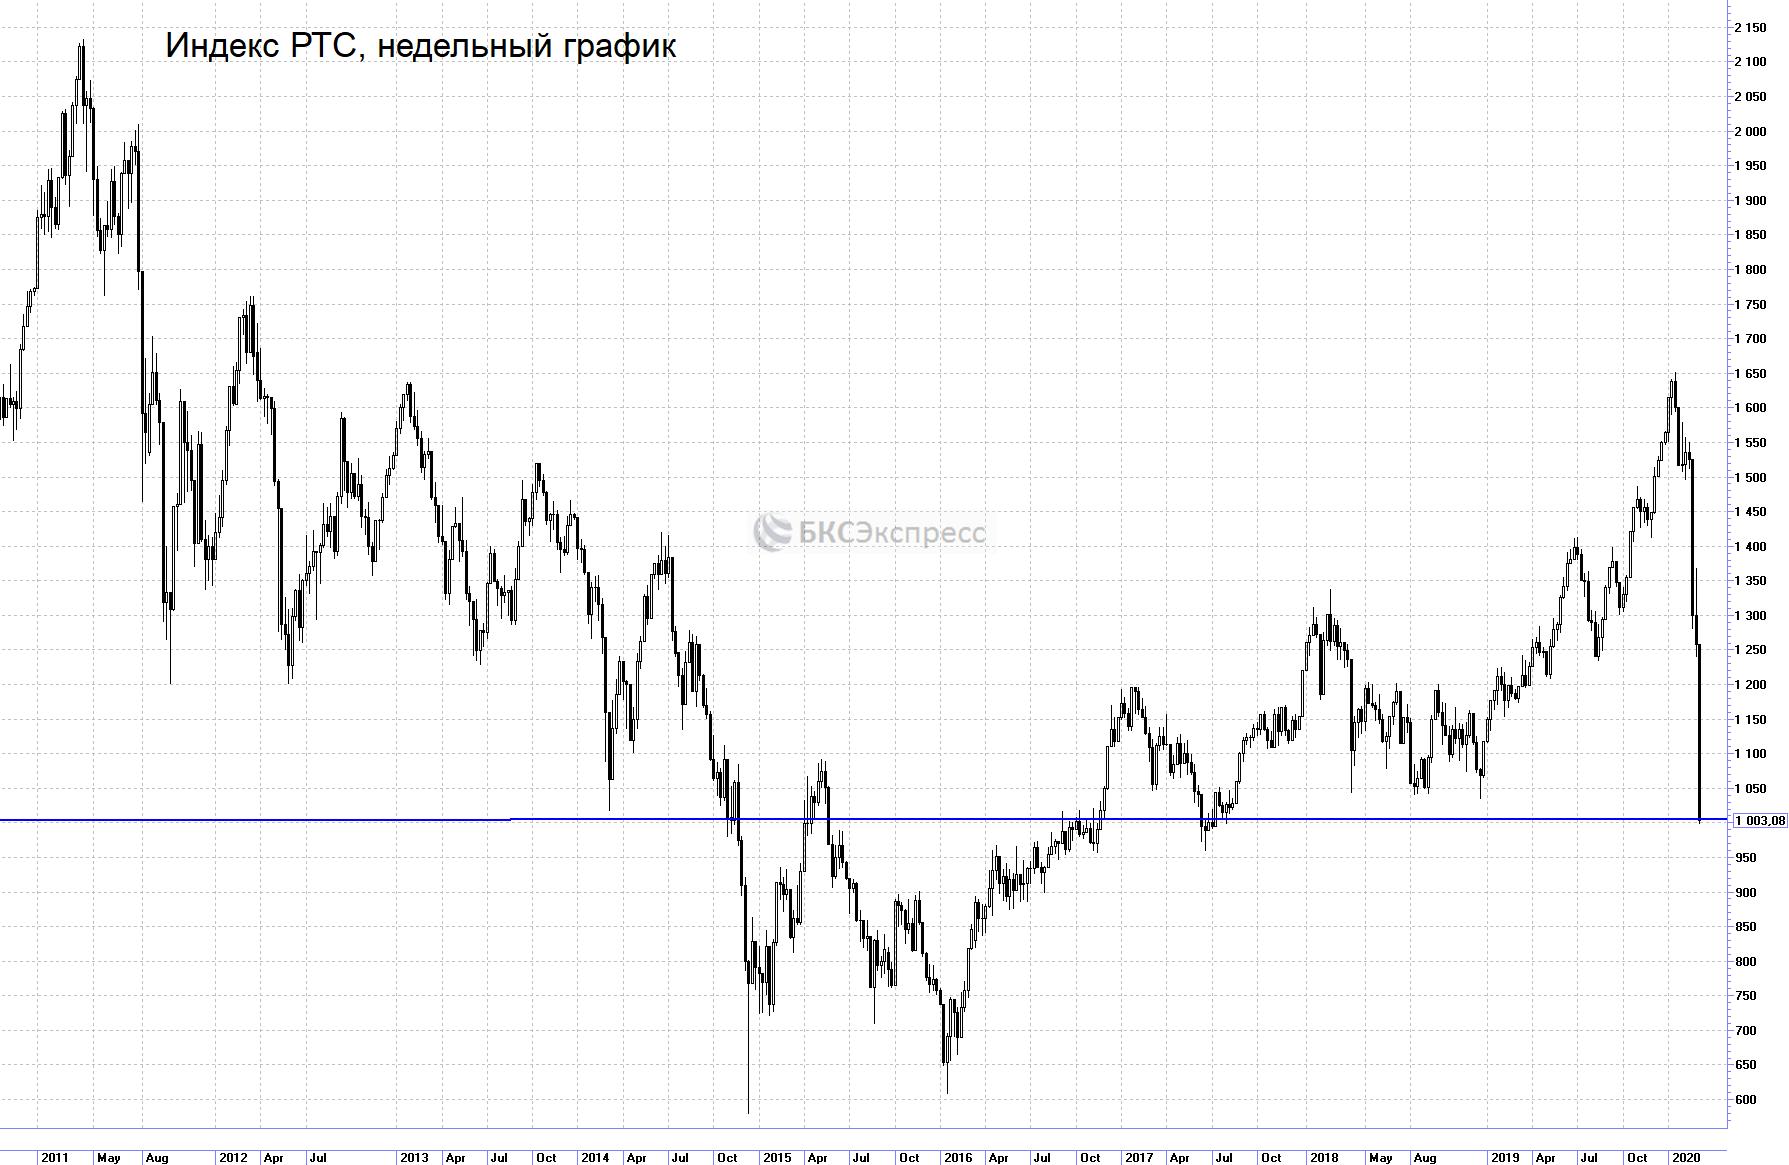 Фондовая биржа ртс | российская торговая система